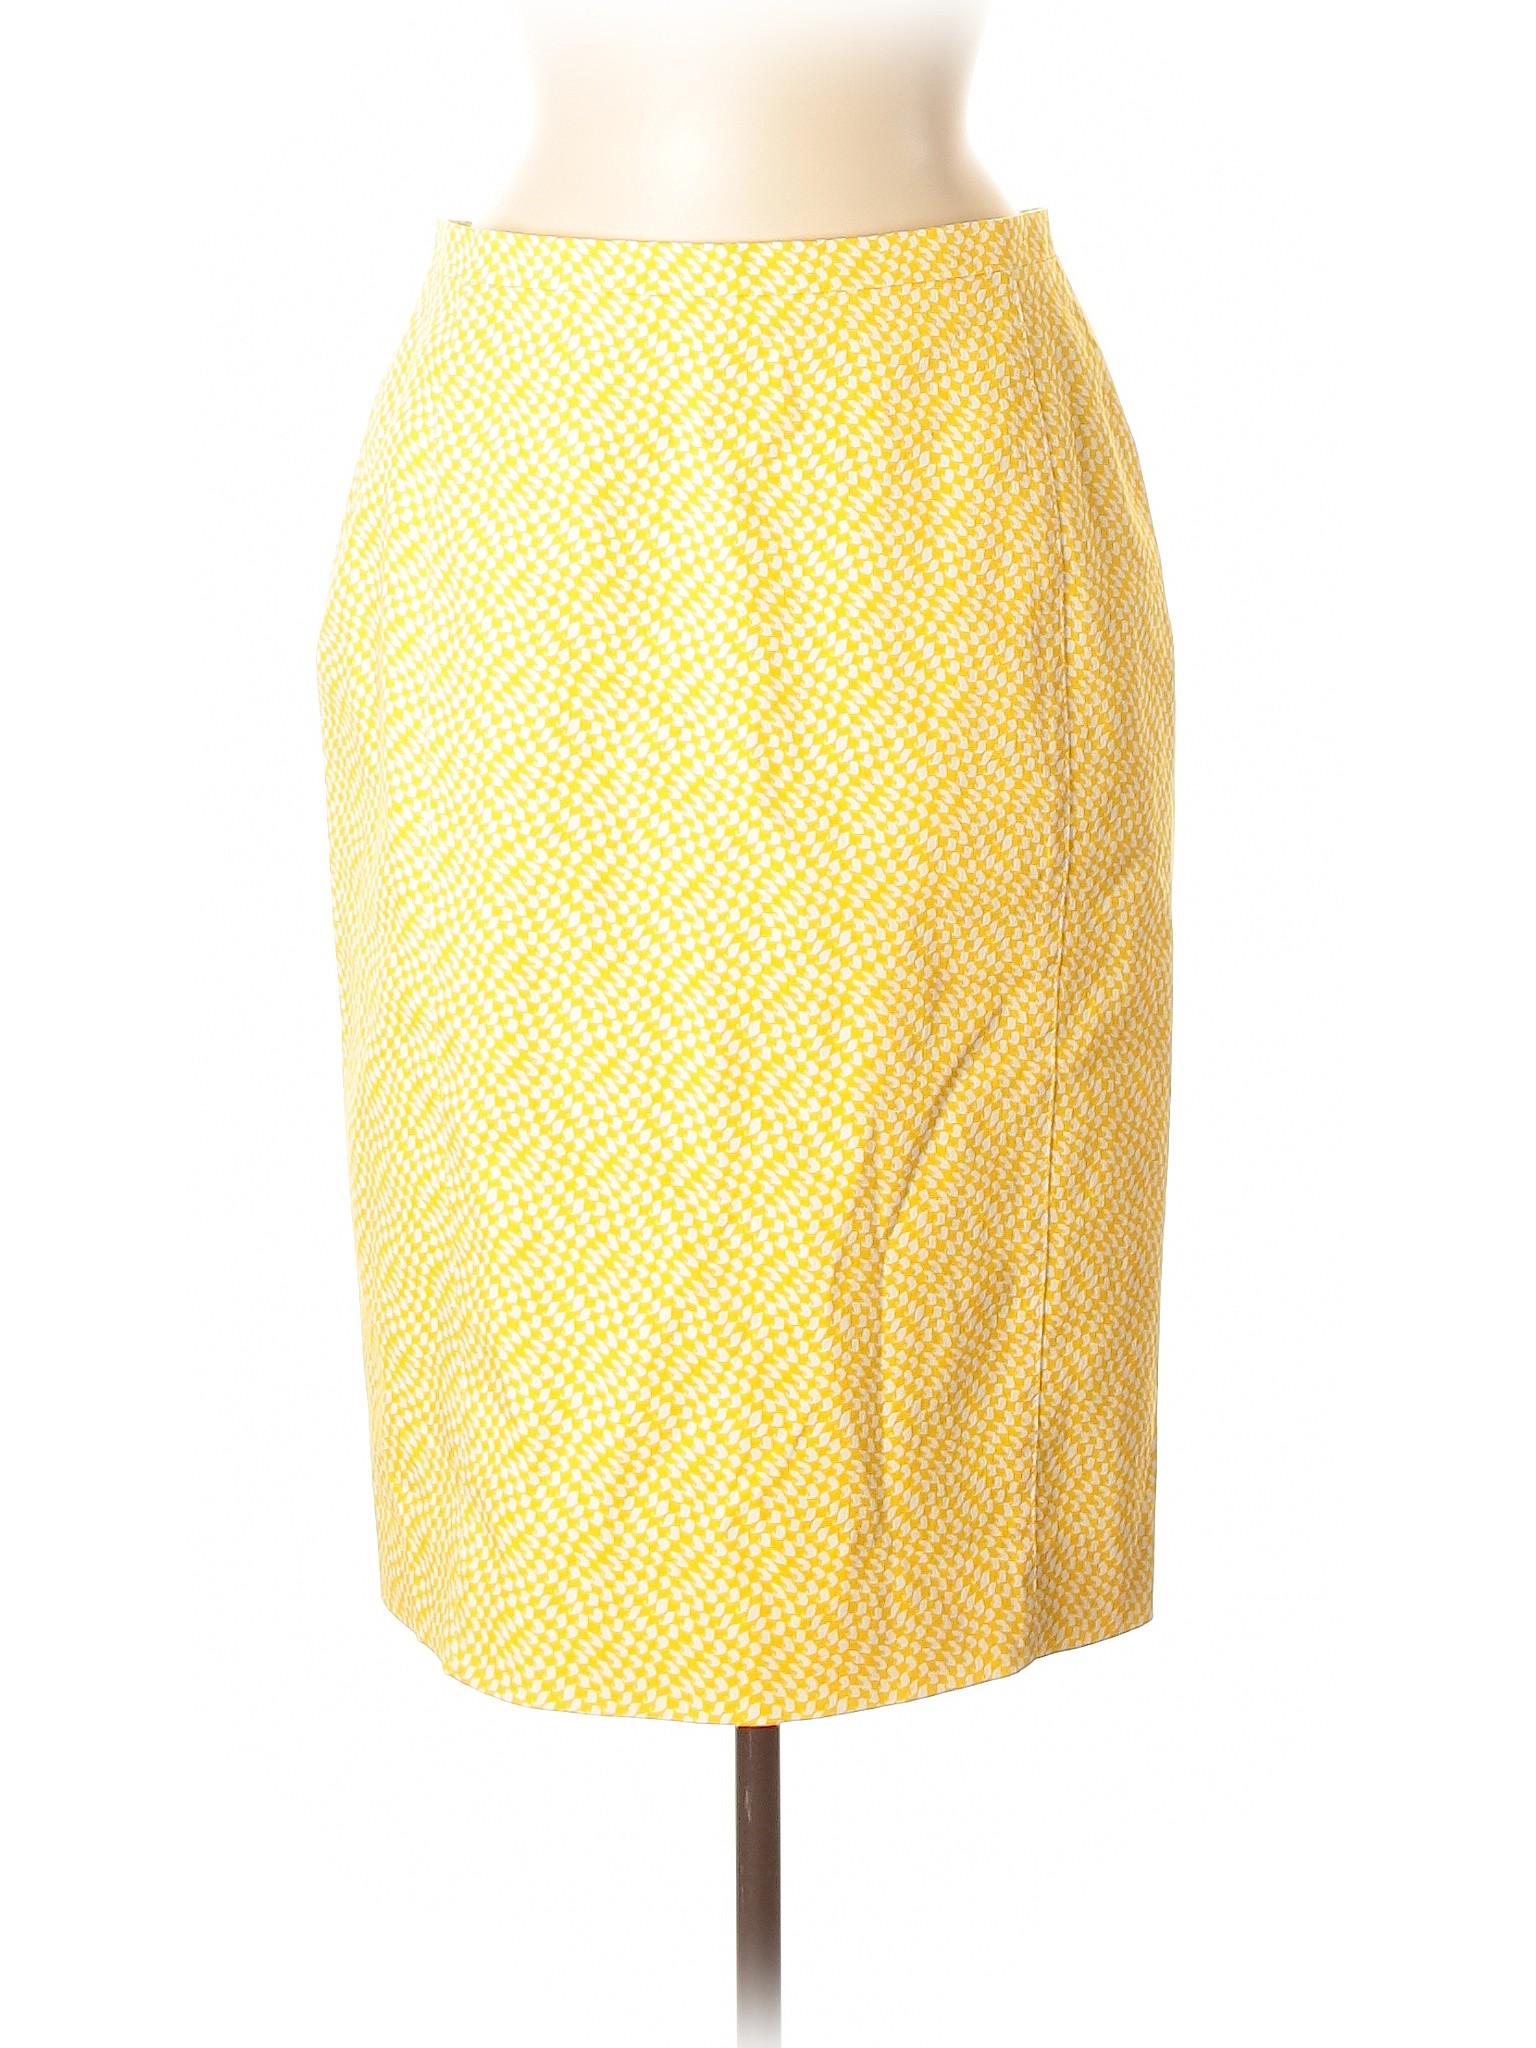 Boutique Casual Skirt Casual Boutique Boutique Skirt 6OU54qwS